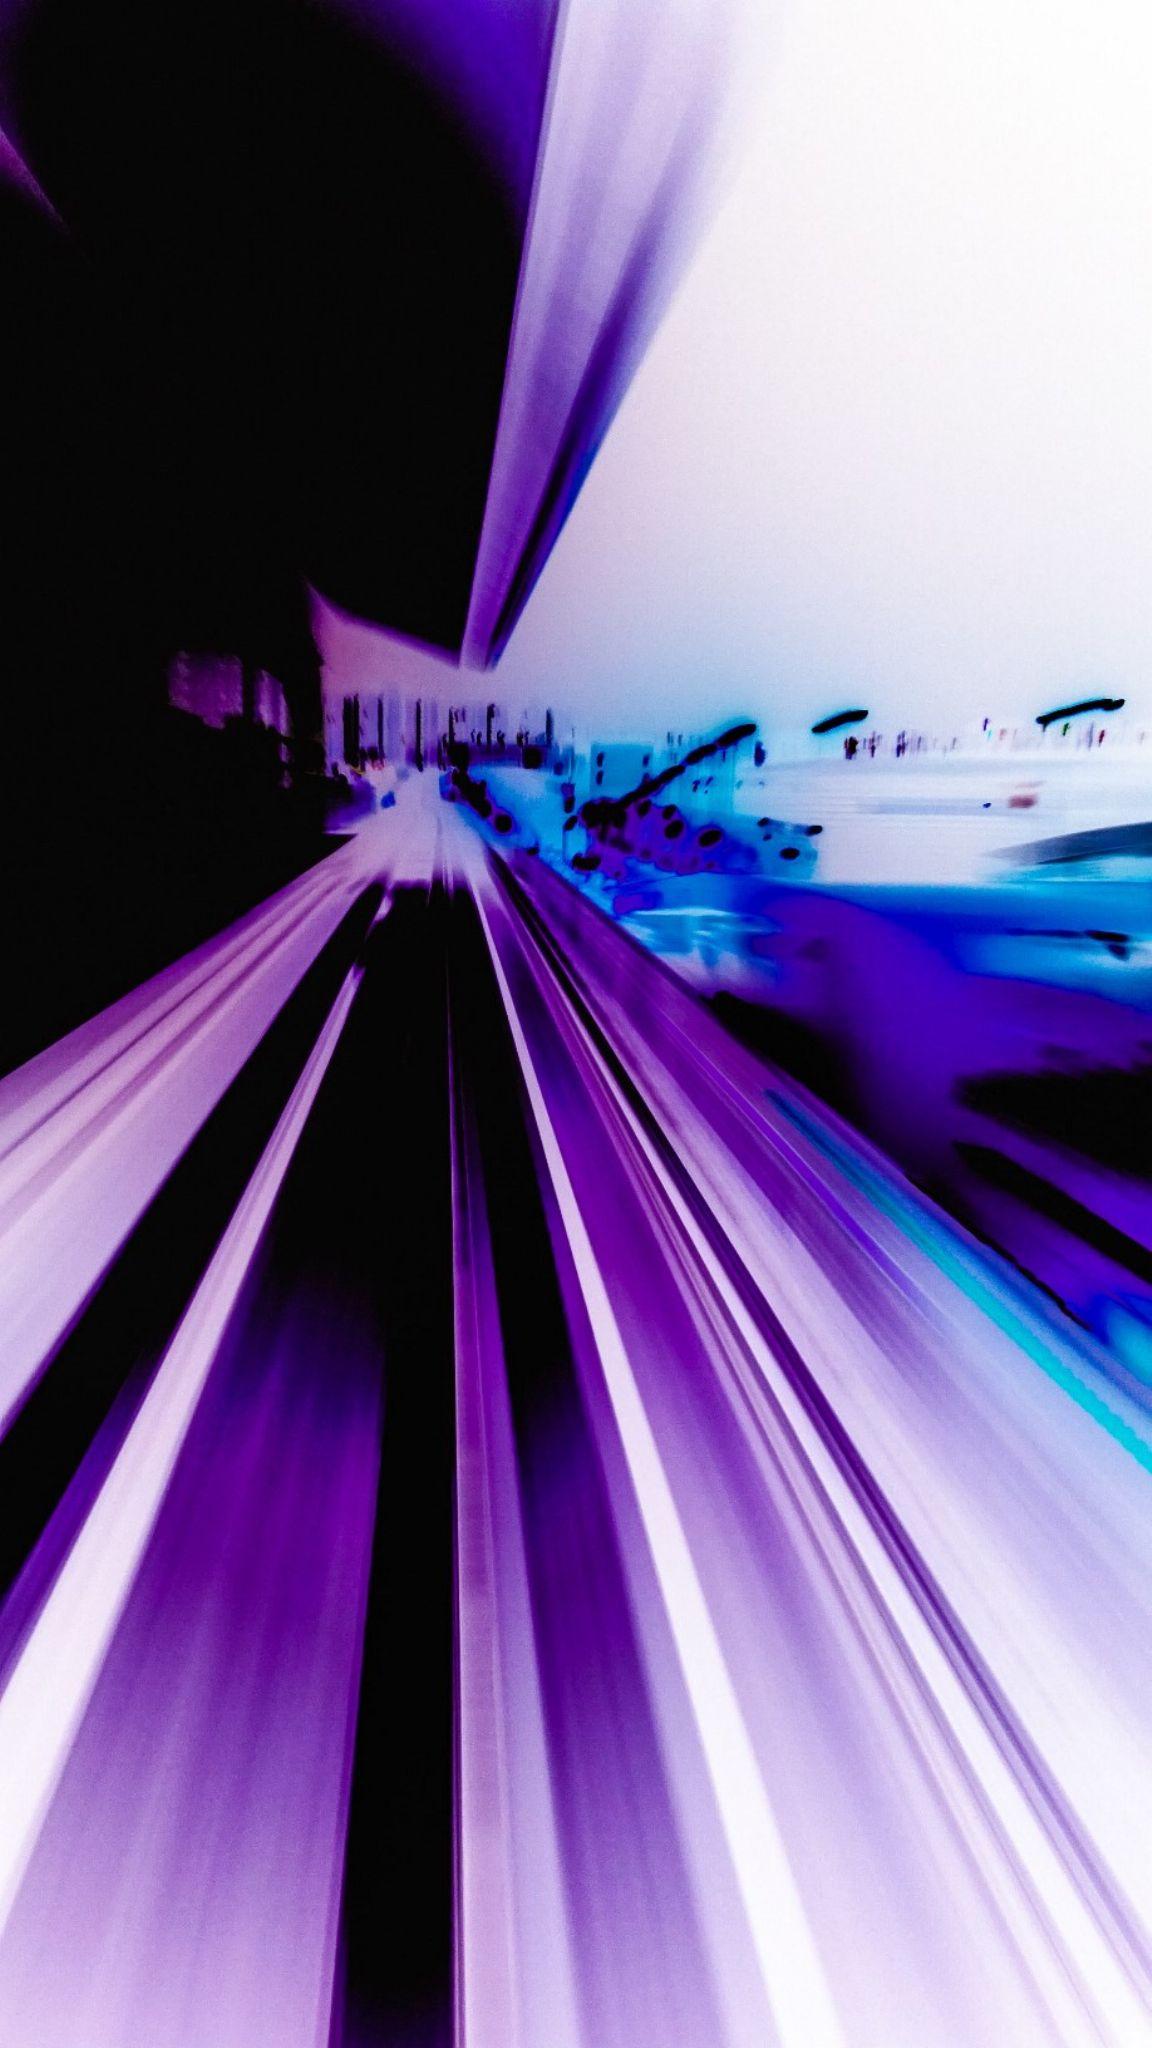 warp speed by Adrian Gopal